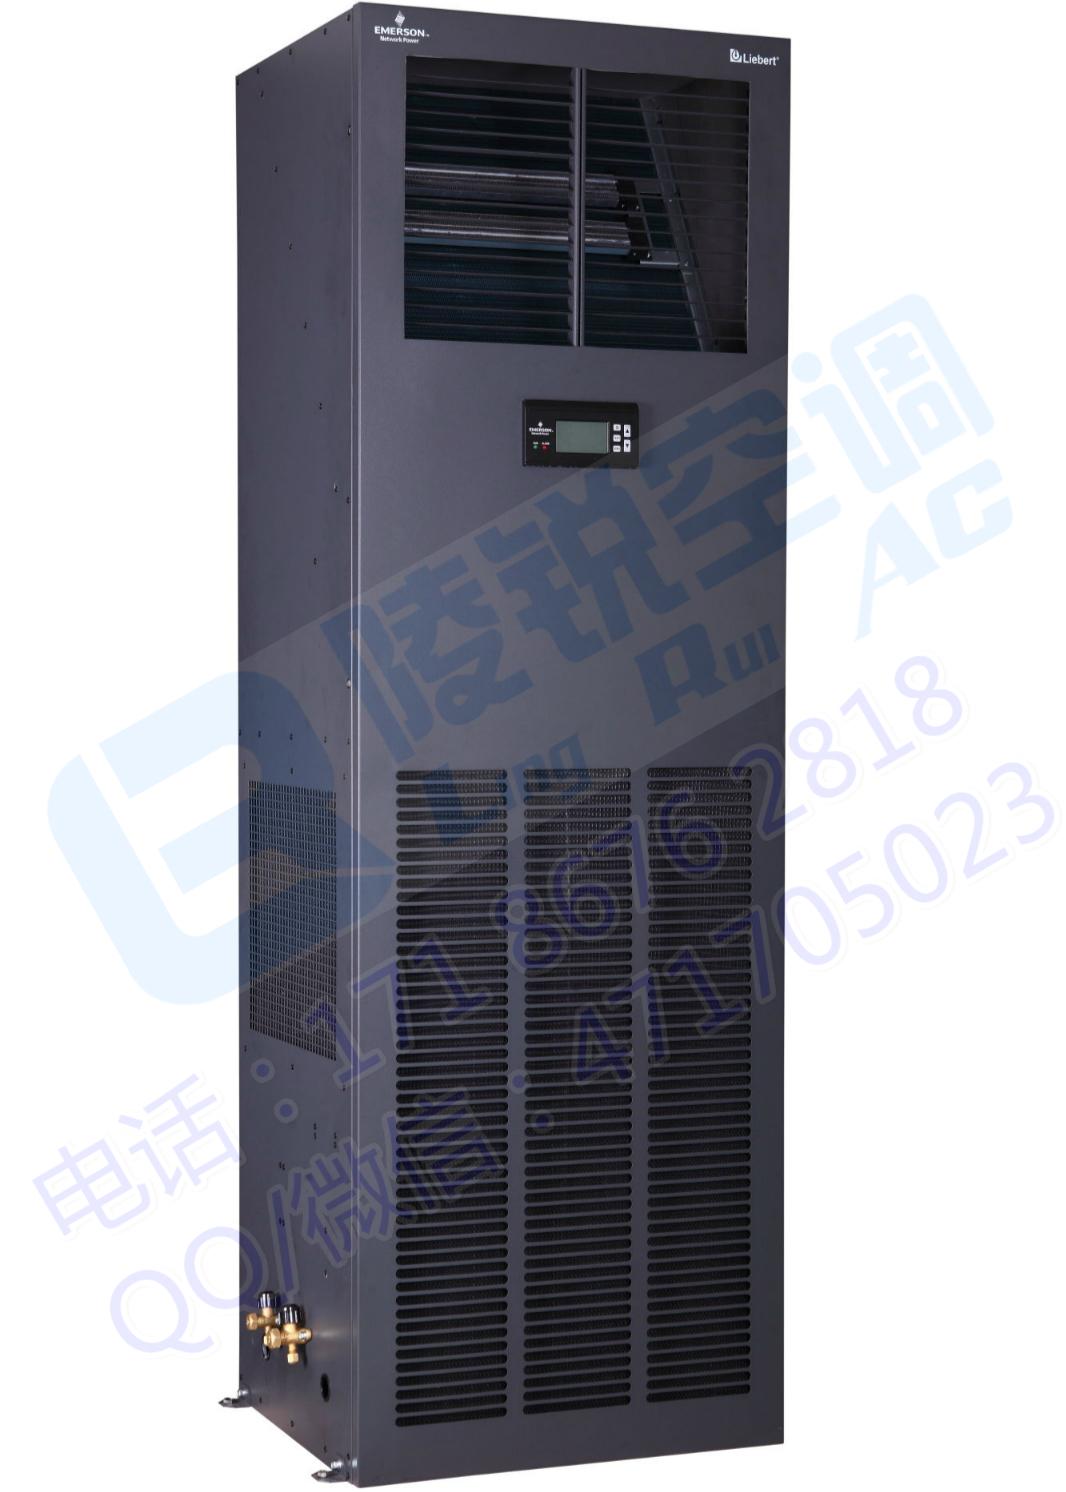 维谛VERTIV艾默生DataMate3000系列16kW风冷型机房专用空调